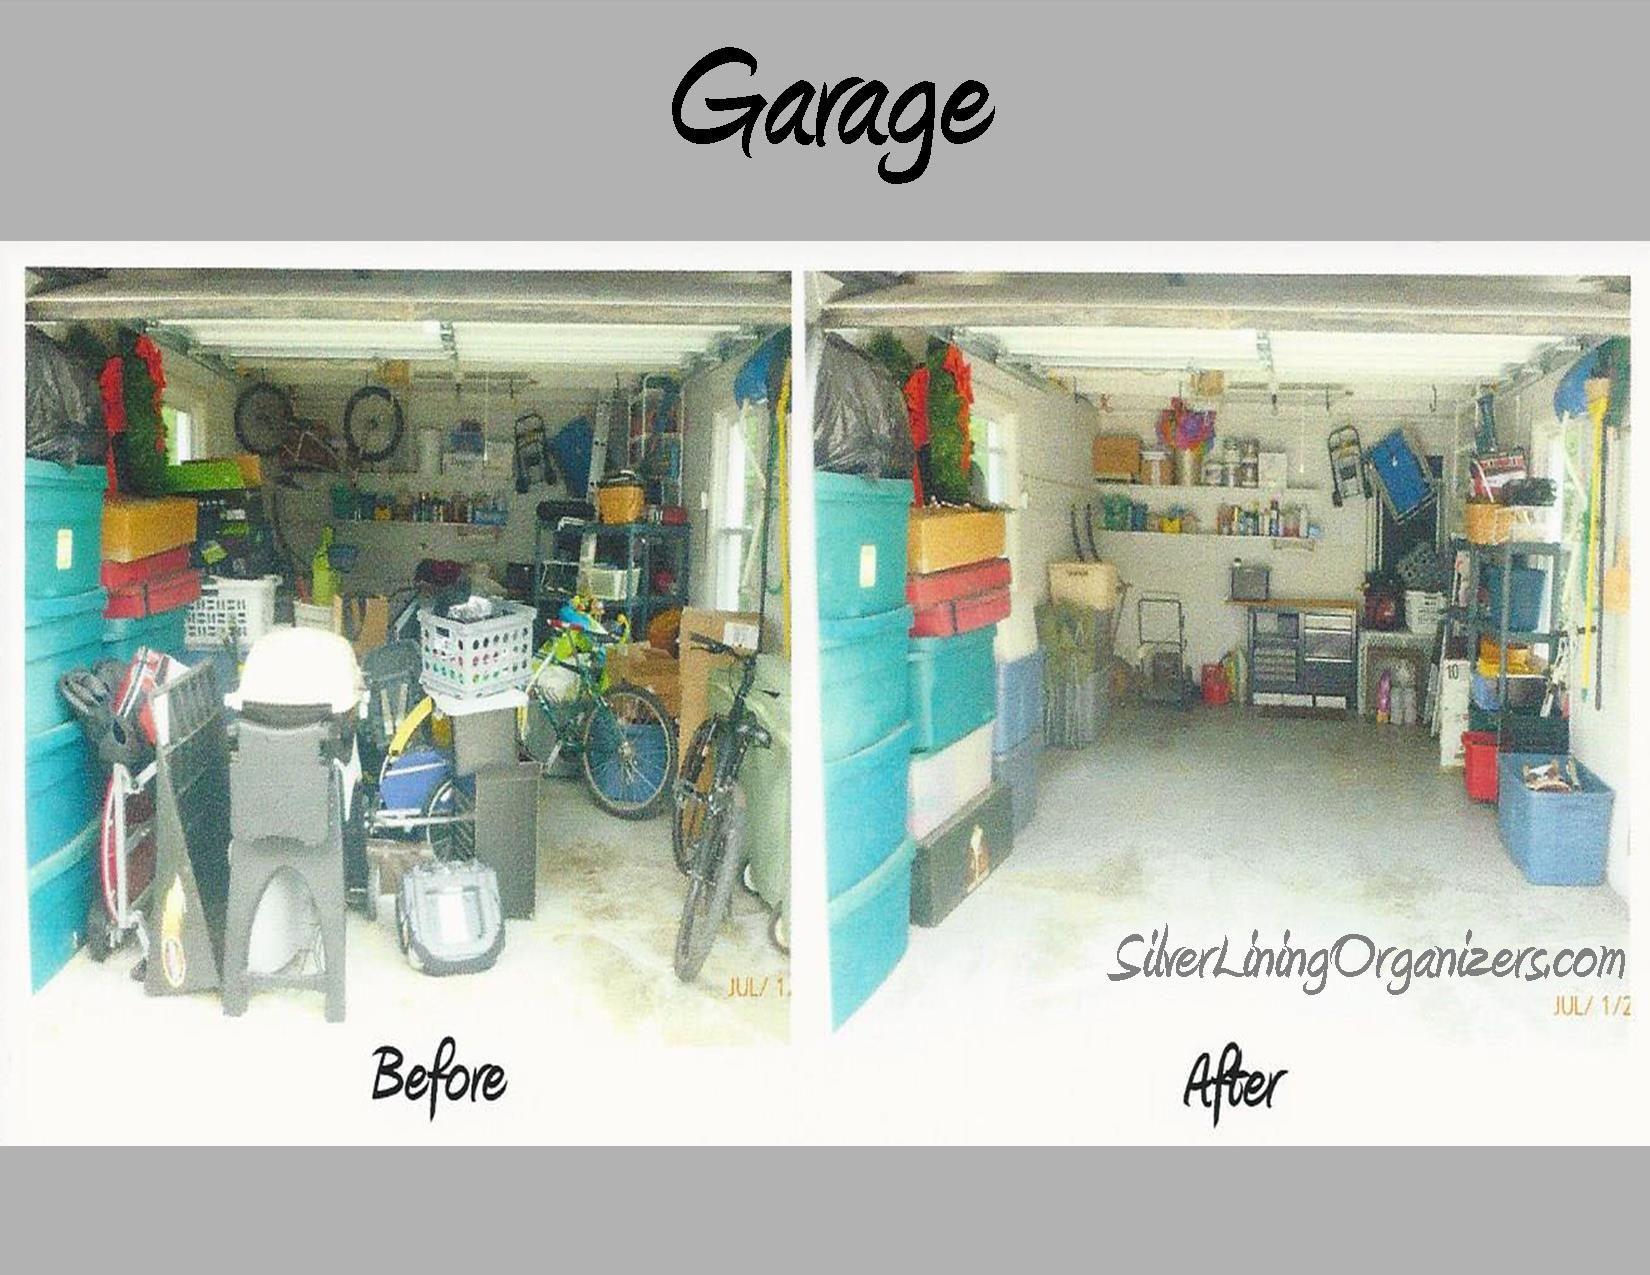 Silver Lining Organizers, Llc Organized Garage